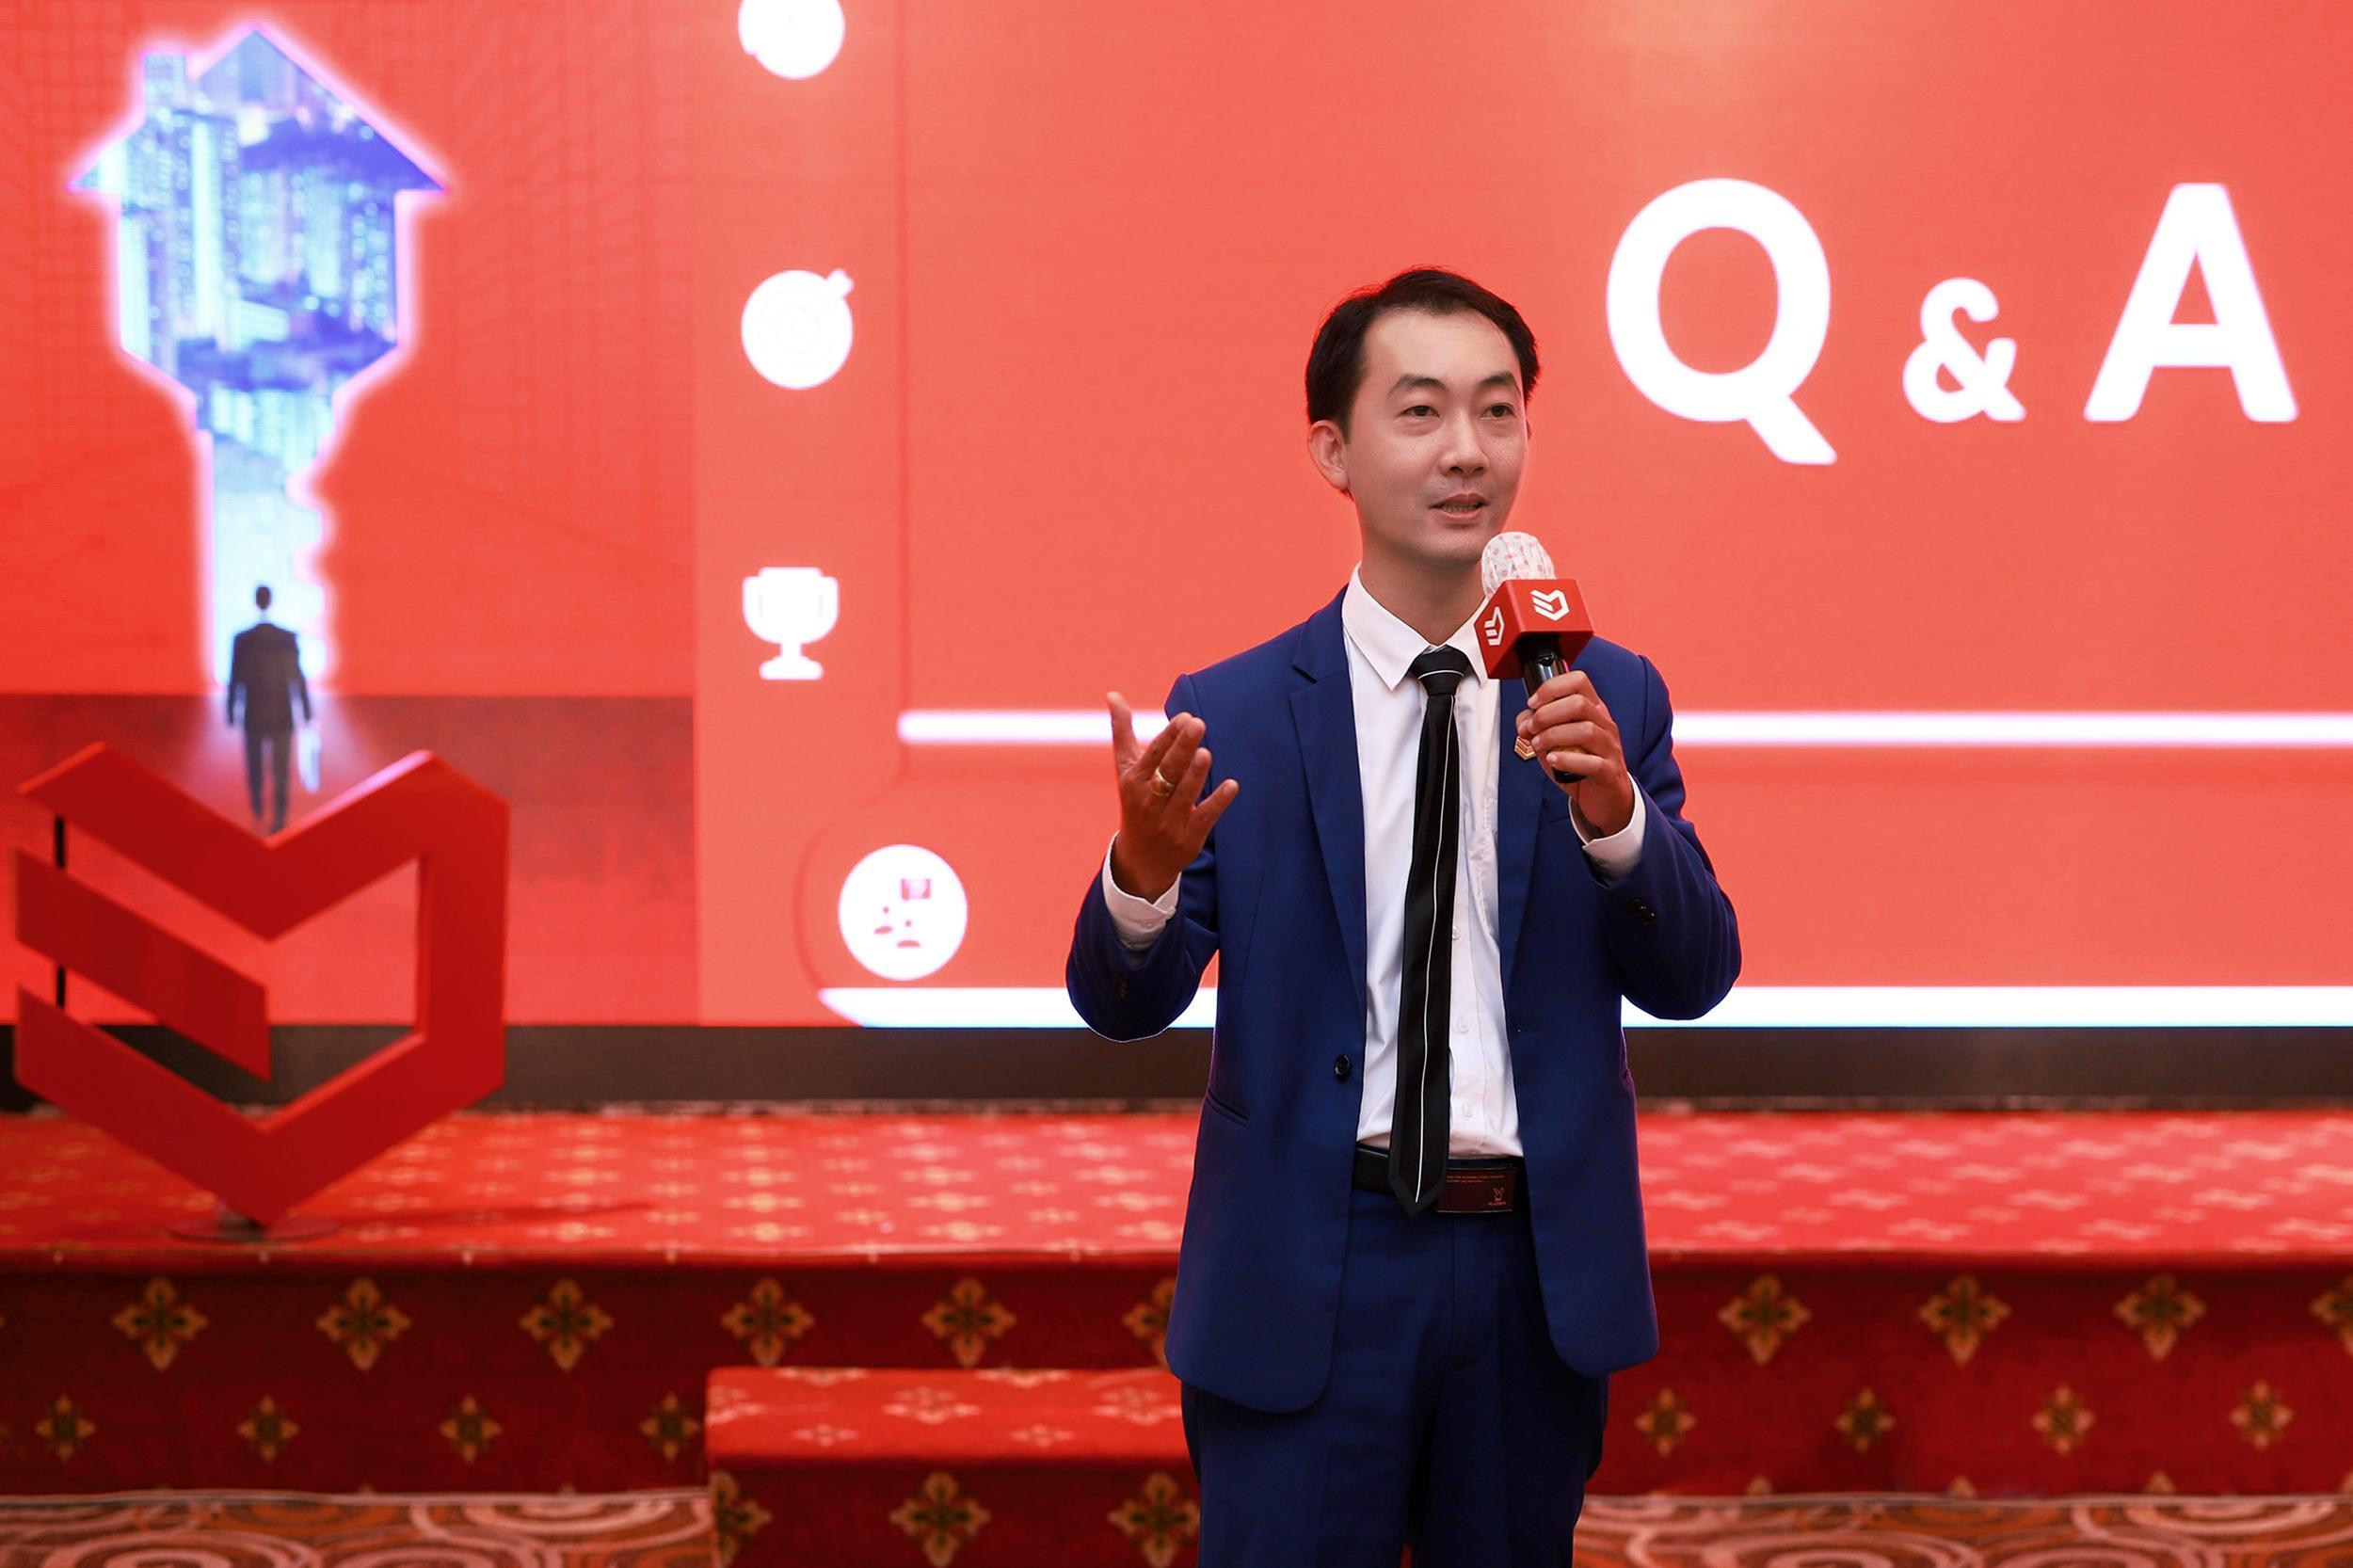 Ông Vũ Tiến Thành - CEO DKRA Property Management, thành viên DKRA Vietnam giải đáp các thắc mắc của khách tham dự trong phần Q&A.